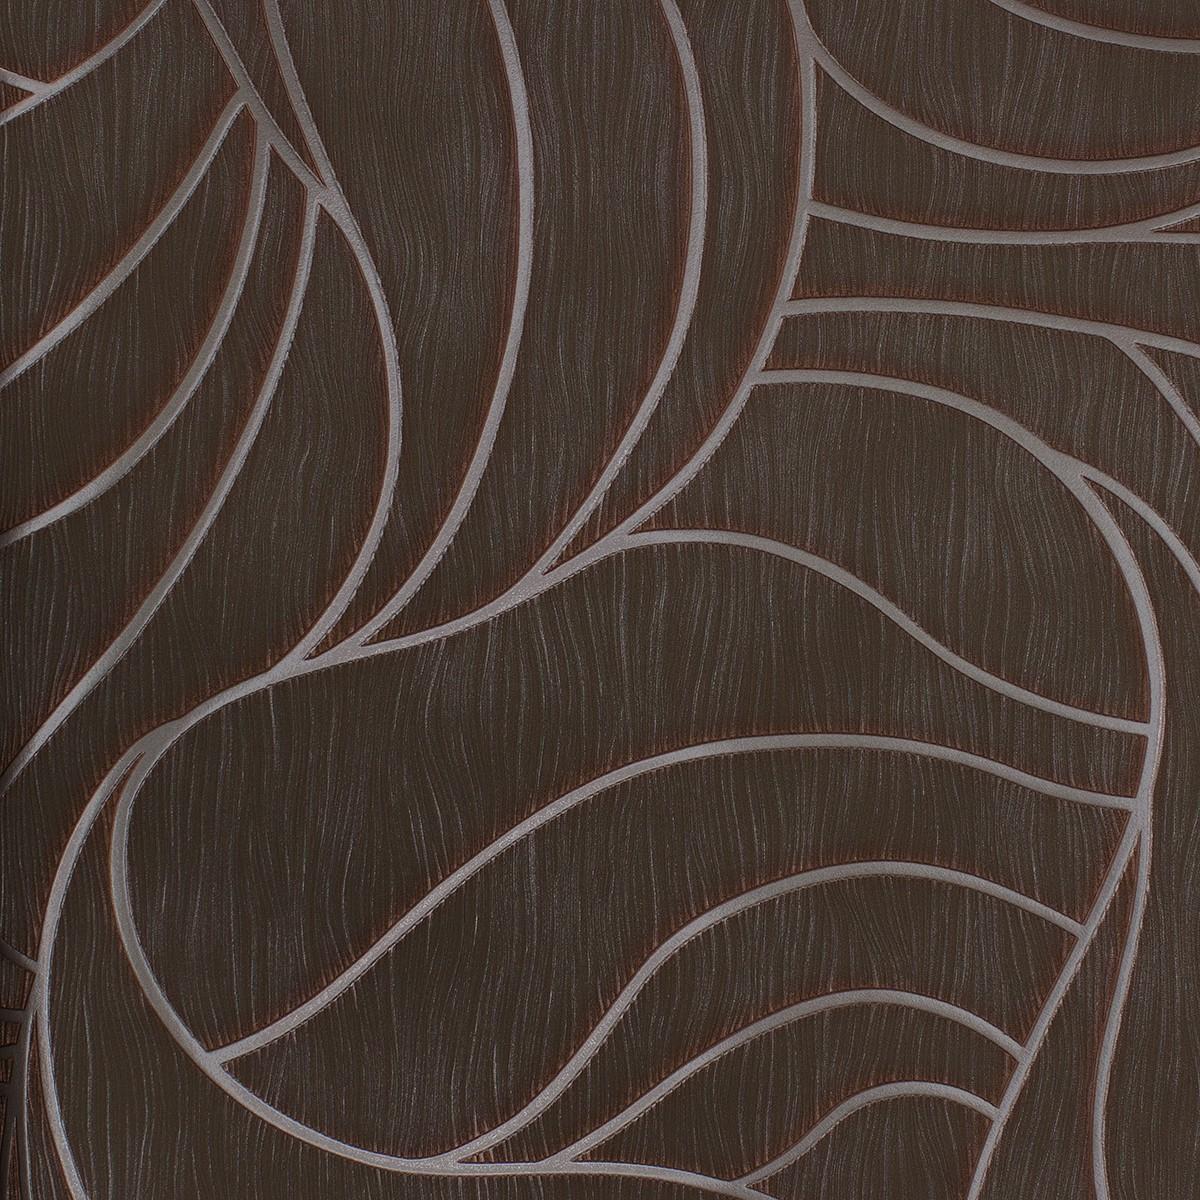 vliestapete luigi colani grafisch braun 53343. Black Bedroom Furniture Sets. Home Design Ideas